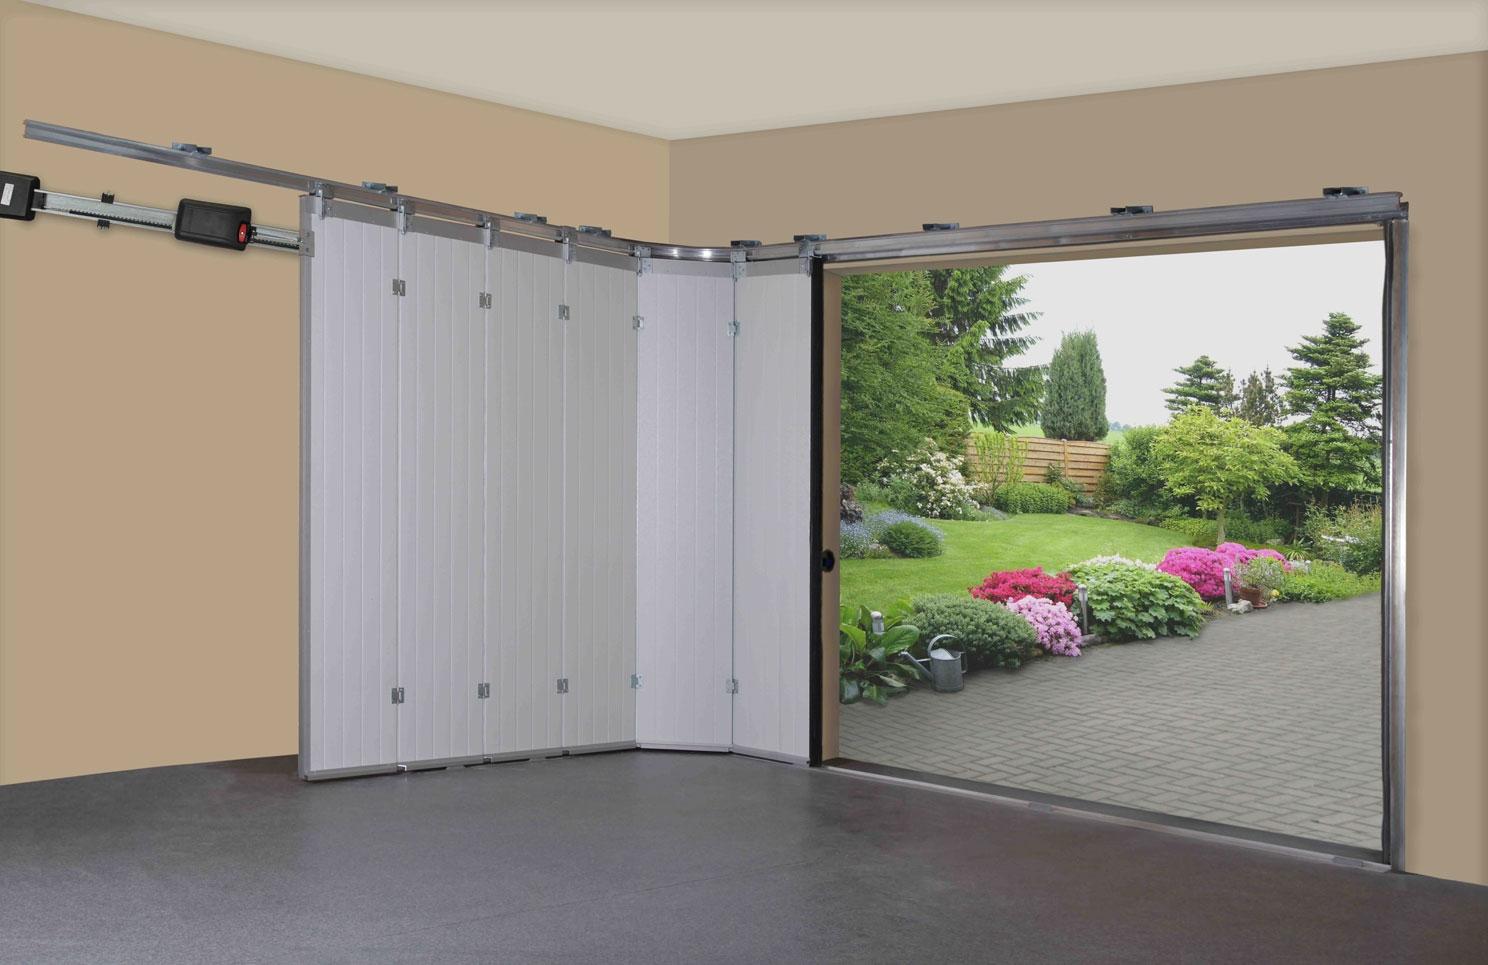 Side Sliding Garage Door OpenersSide Sliding Garage Door Openers